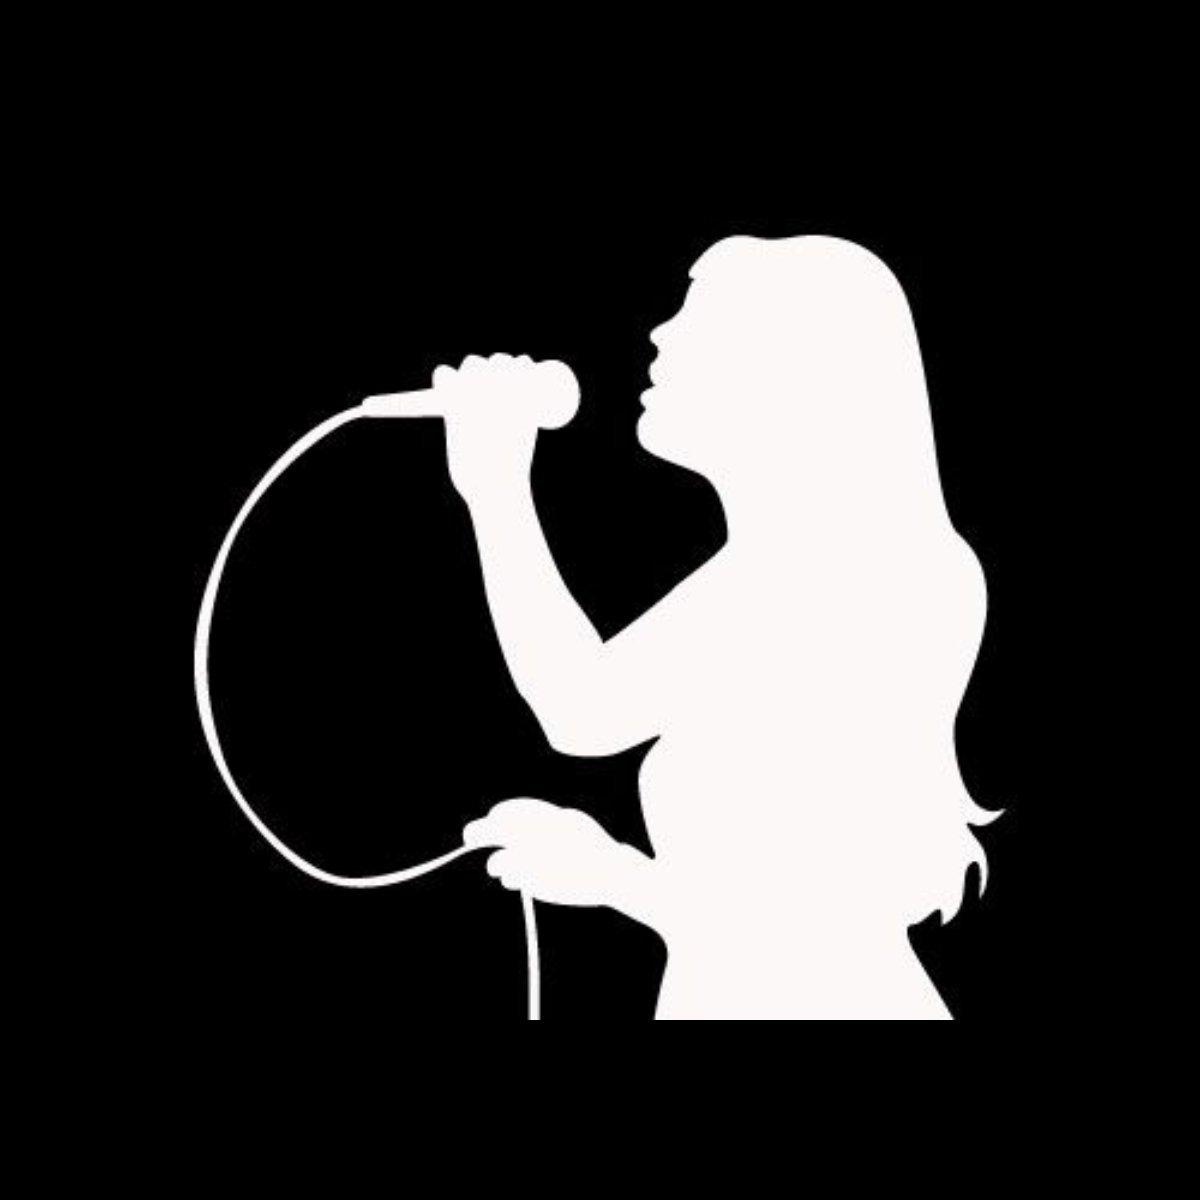 Canto (Black Label)